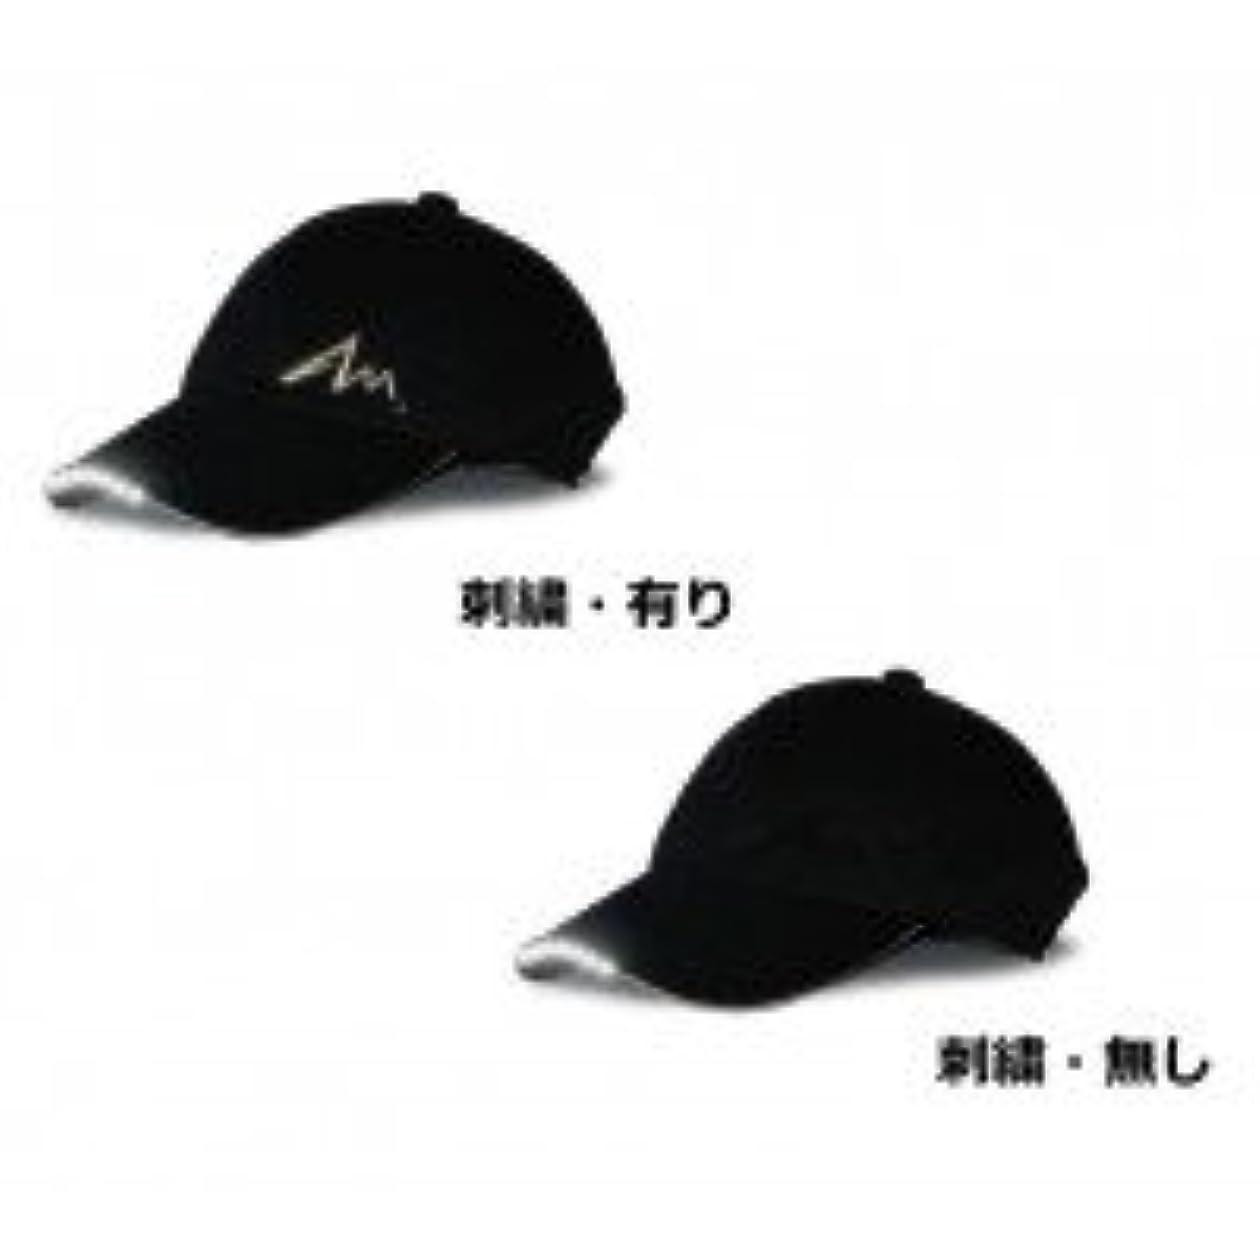 偏見行列小学生LEDライト付き帽子 TERUBO スタンダードタイプ ブラック